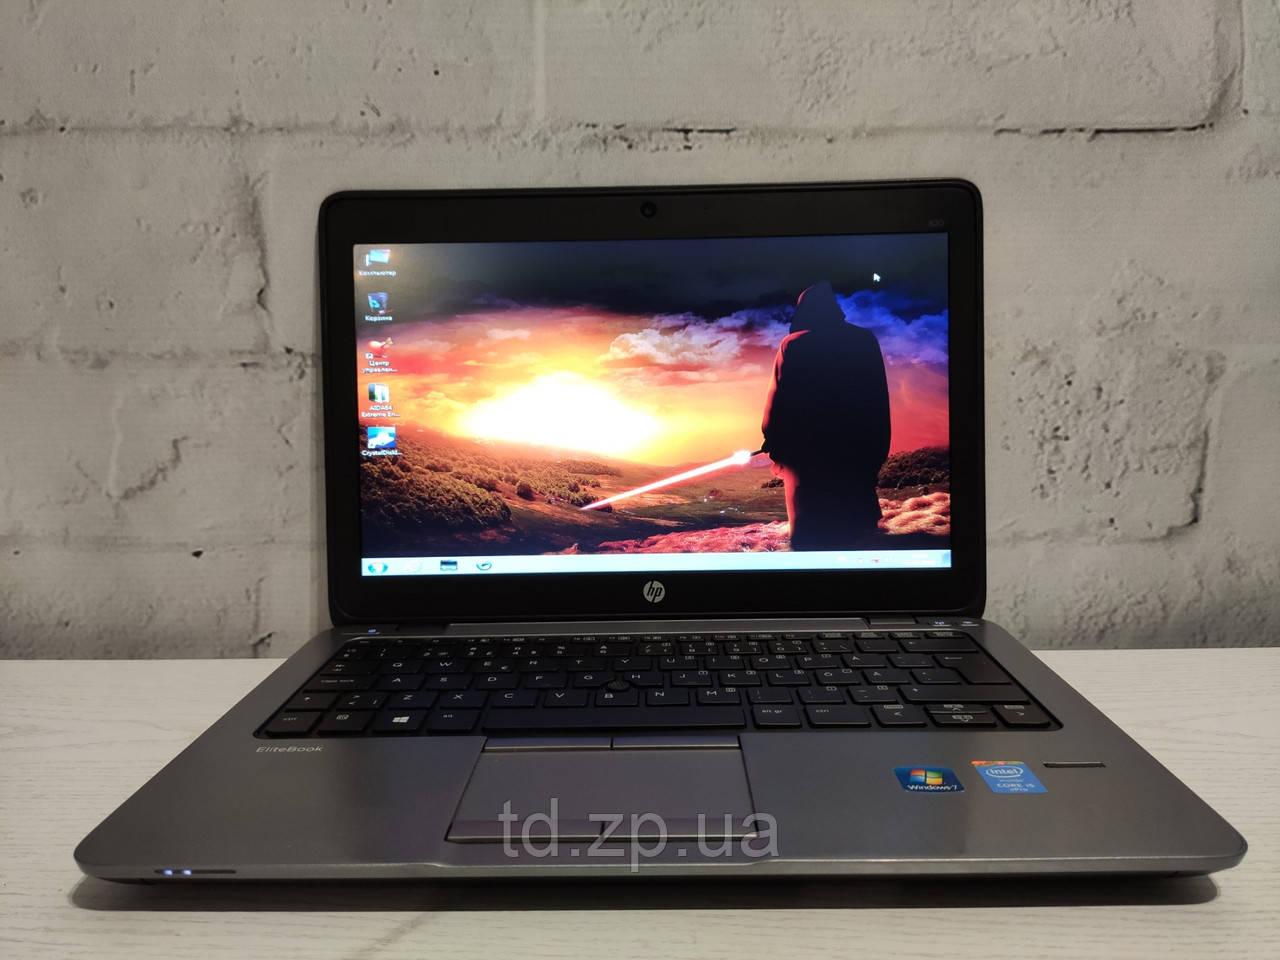 Ноутбук HP ProBook 11 G2 11,5' Intel Celeron 3855u / 4Gb DDR 3/500Gb HDD / Intel HD 510